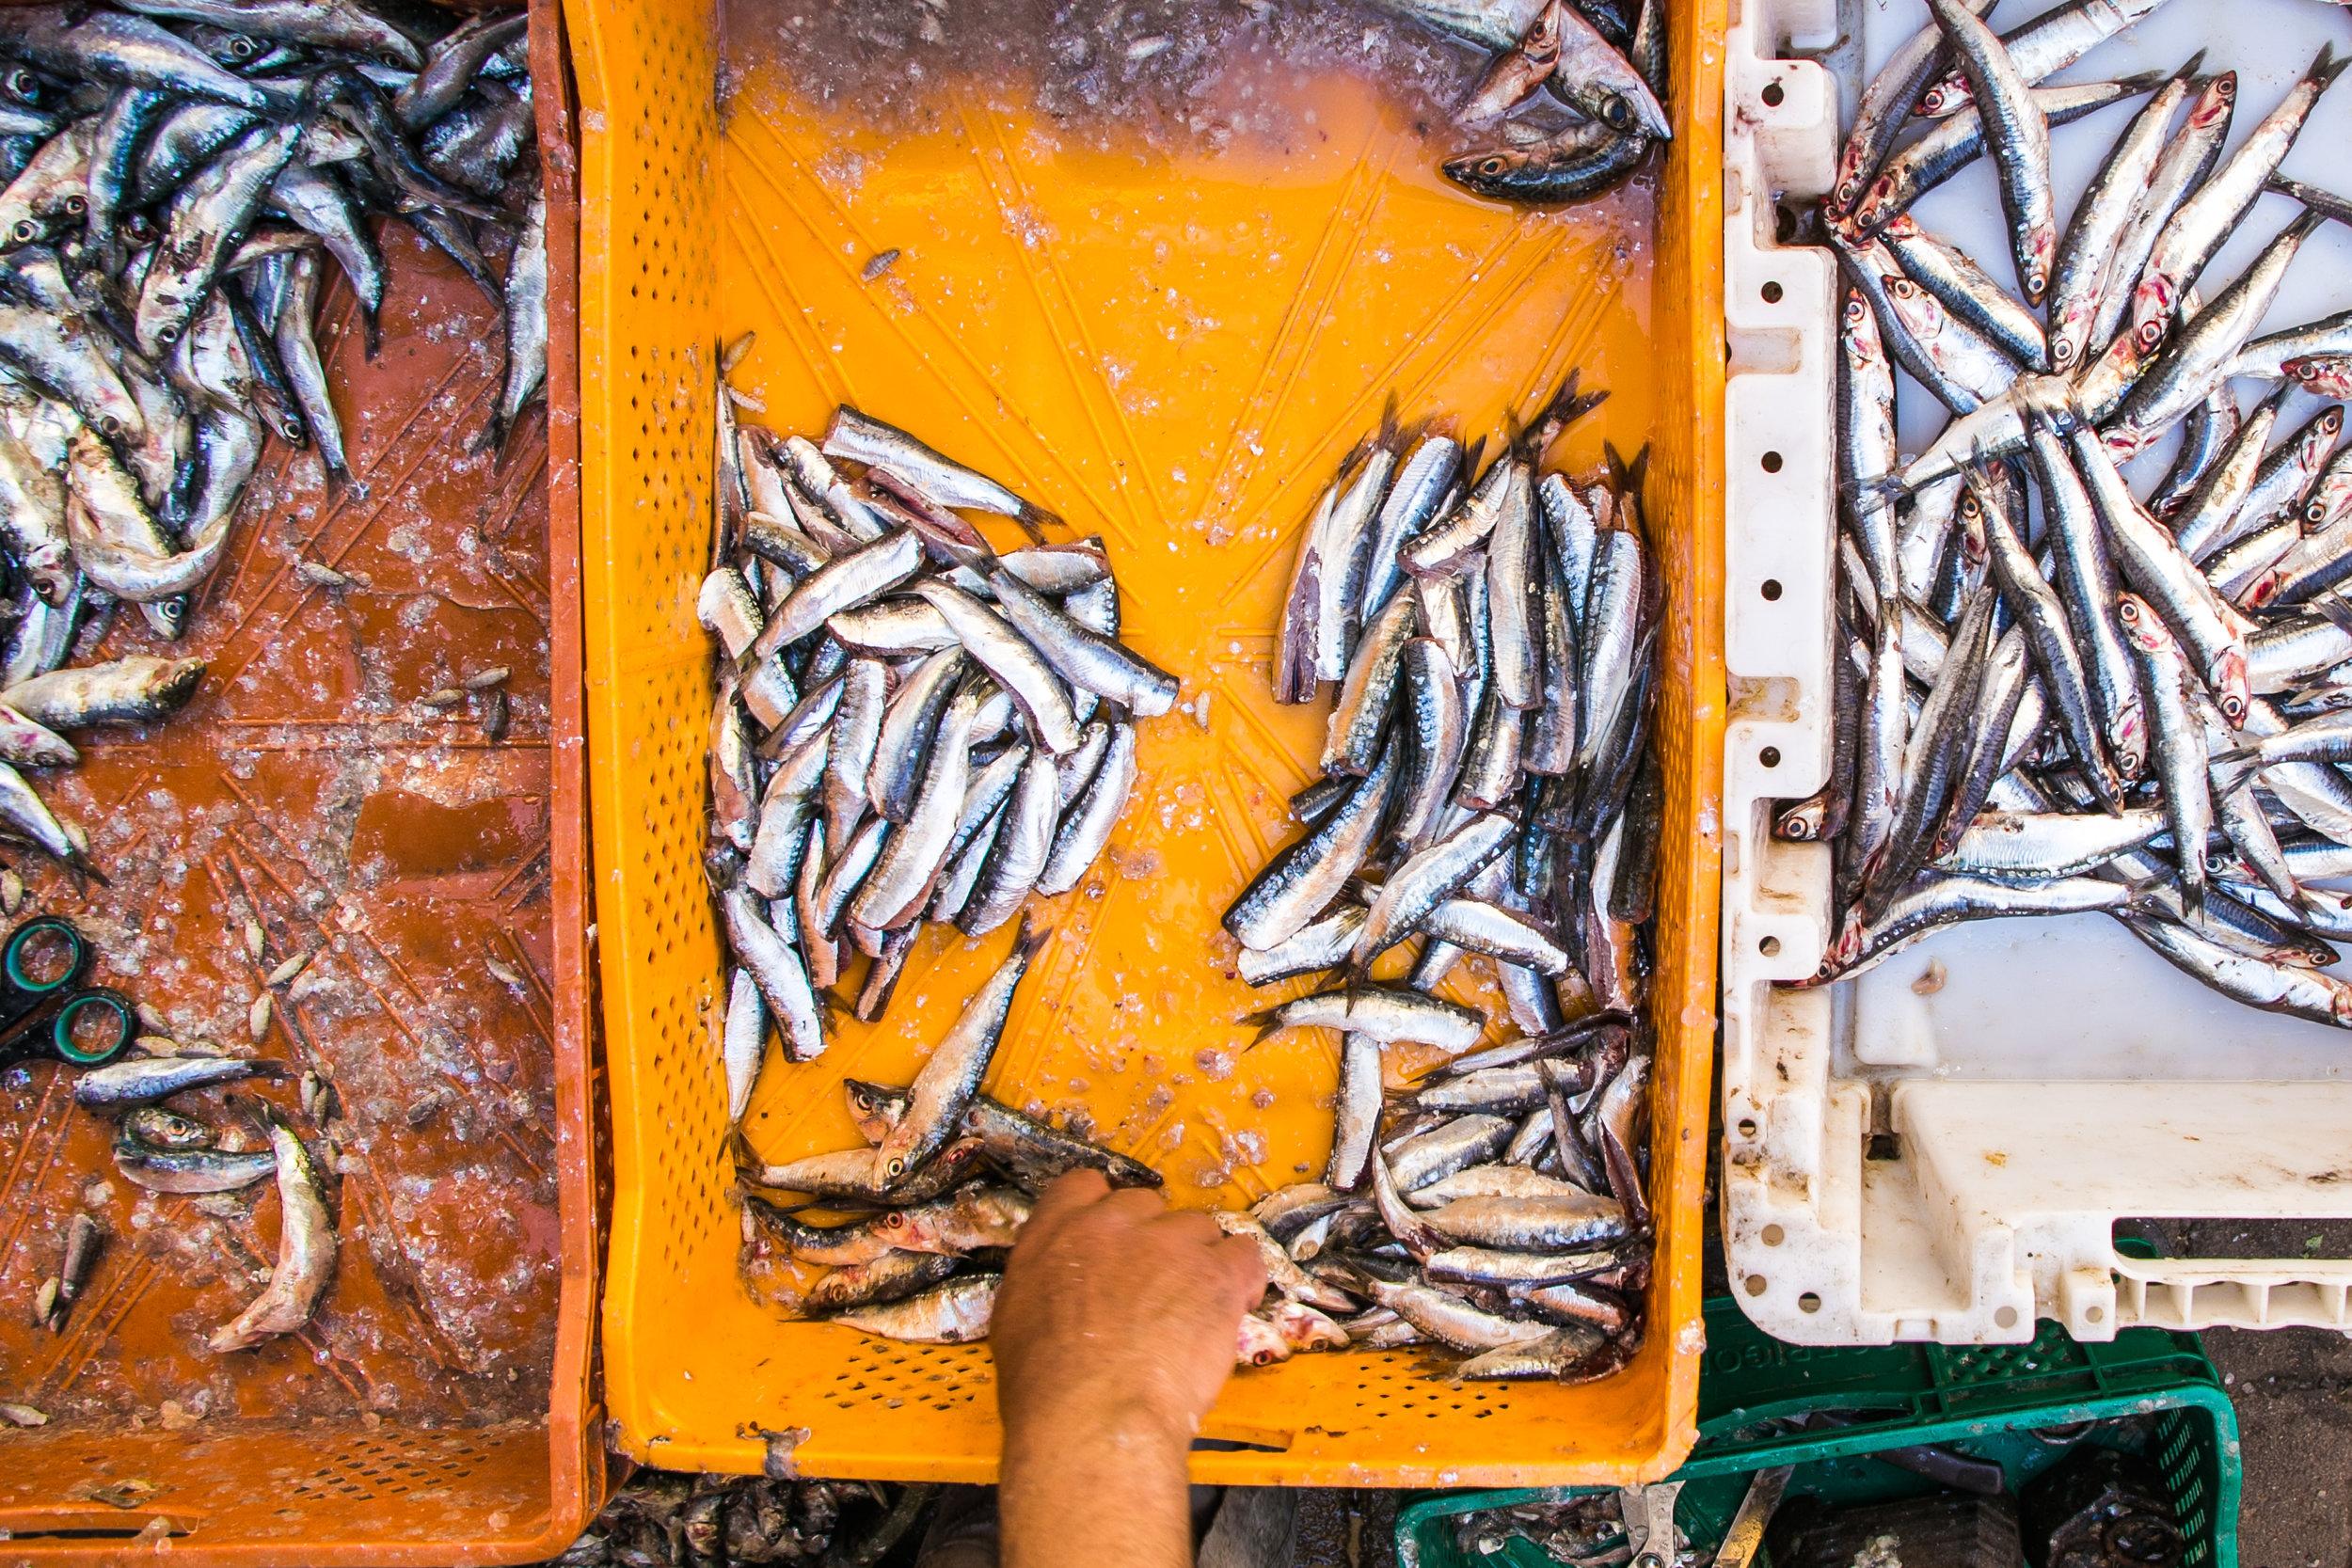 Market - Fes, Morocco